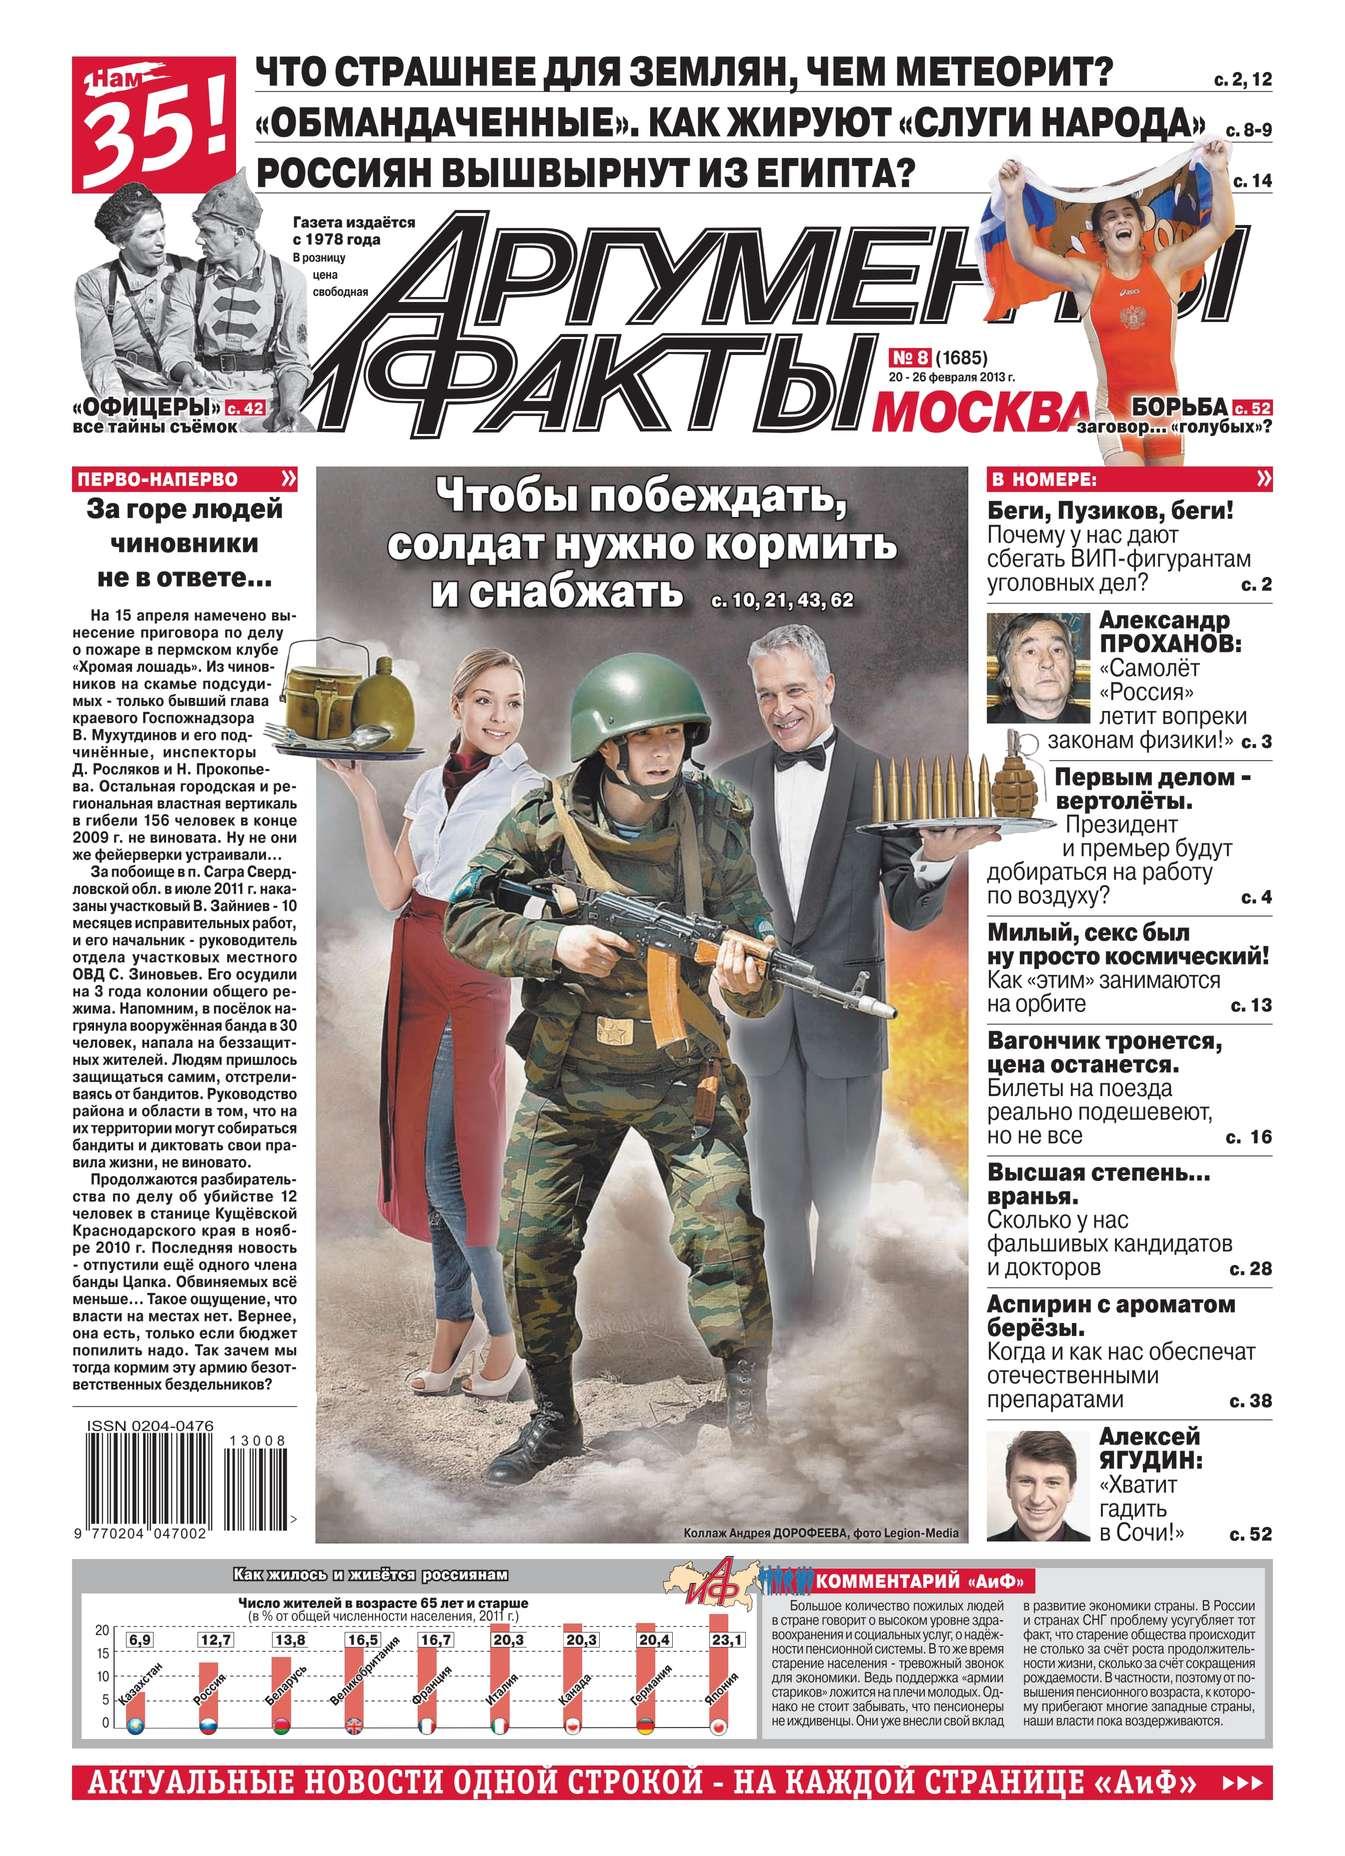 Редакция журнала Аиф. Про Кухню Аргументы и факты 08-2013